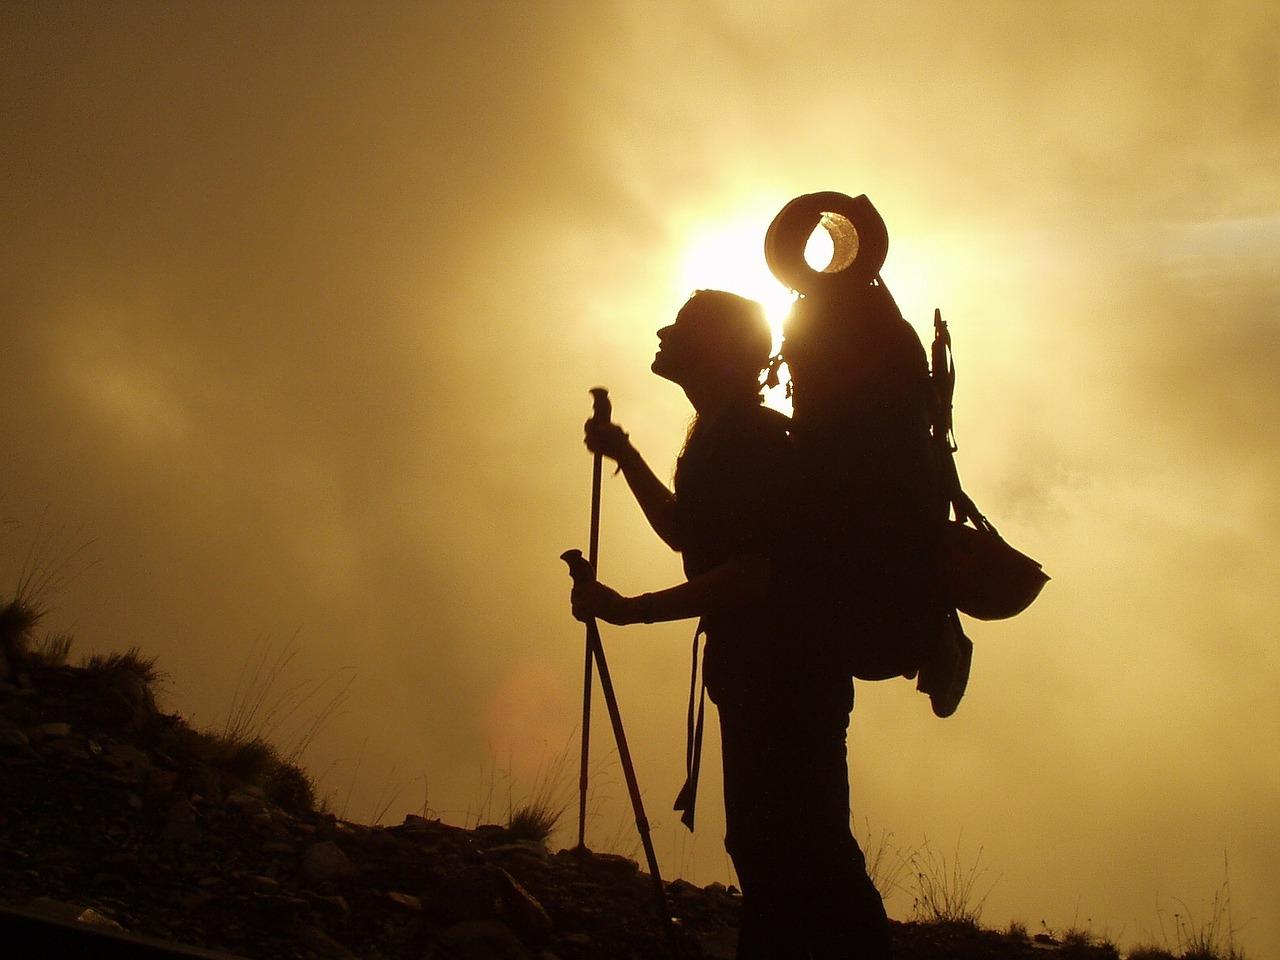 w co się zapakować - walizka, plecak czy torba, człowiek w górach z plecakiem na plecach i kijkami do nordic walkingu w rękach